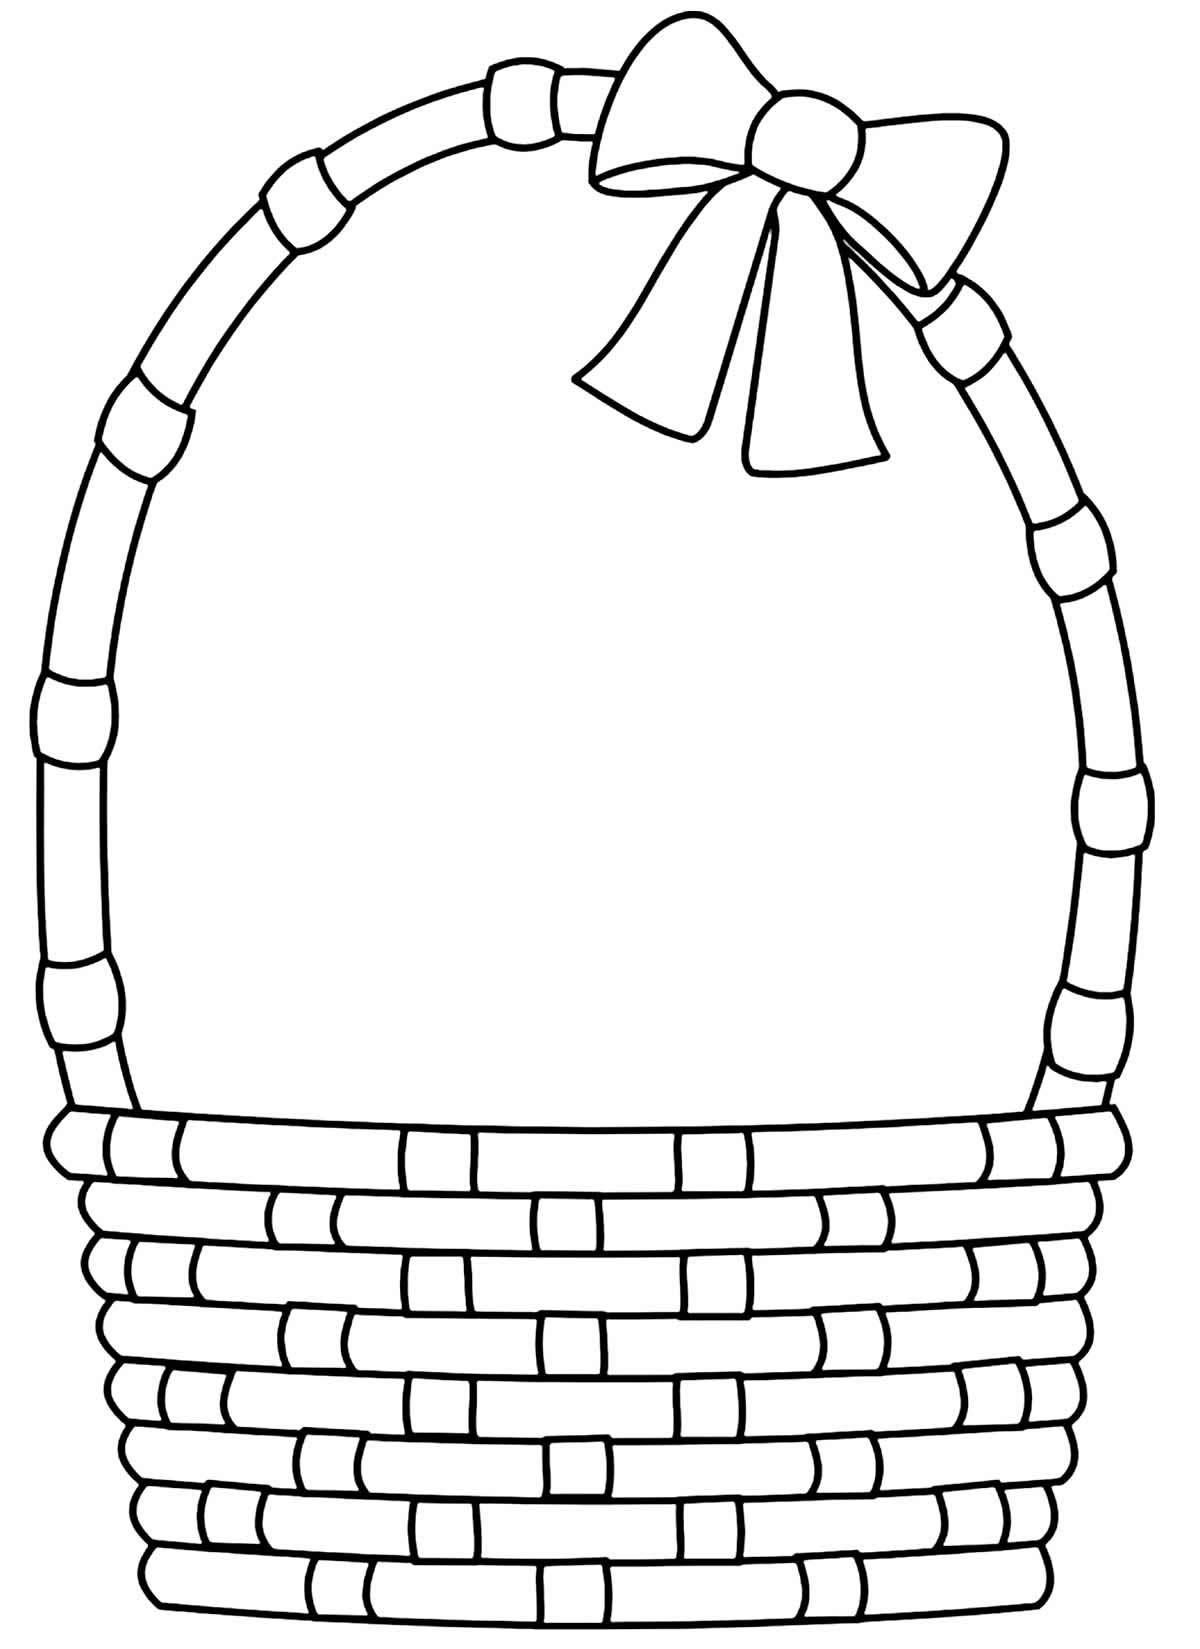 Desenho para pintar de cesta de Páscoa